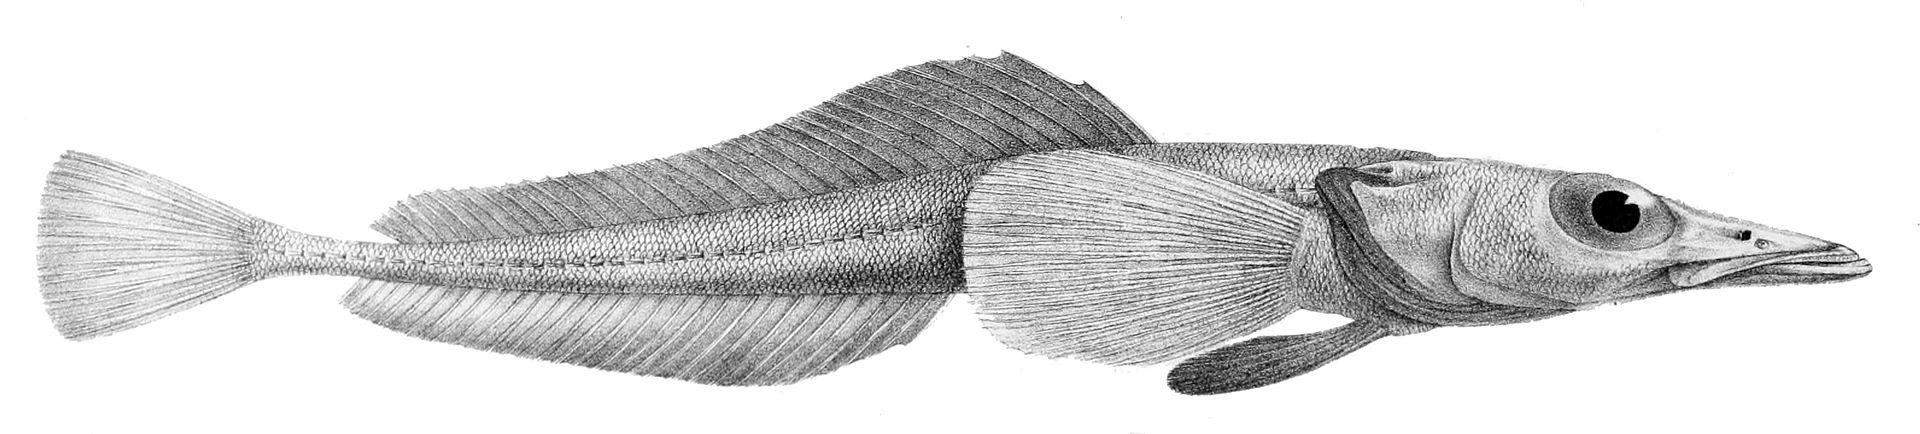 Przedstawiciel rodzaju – Bathydraco antarcticus